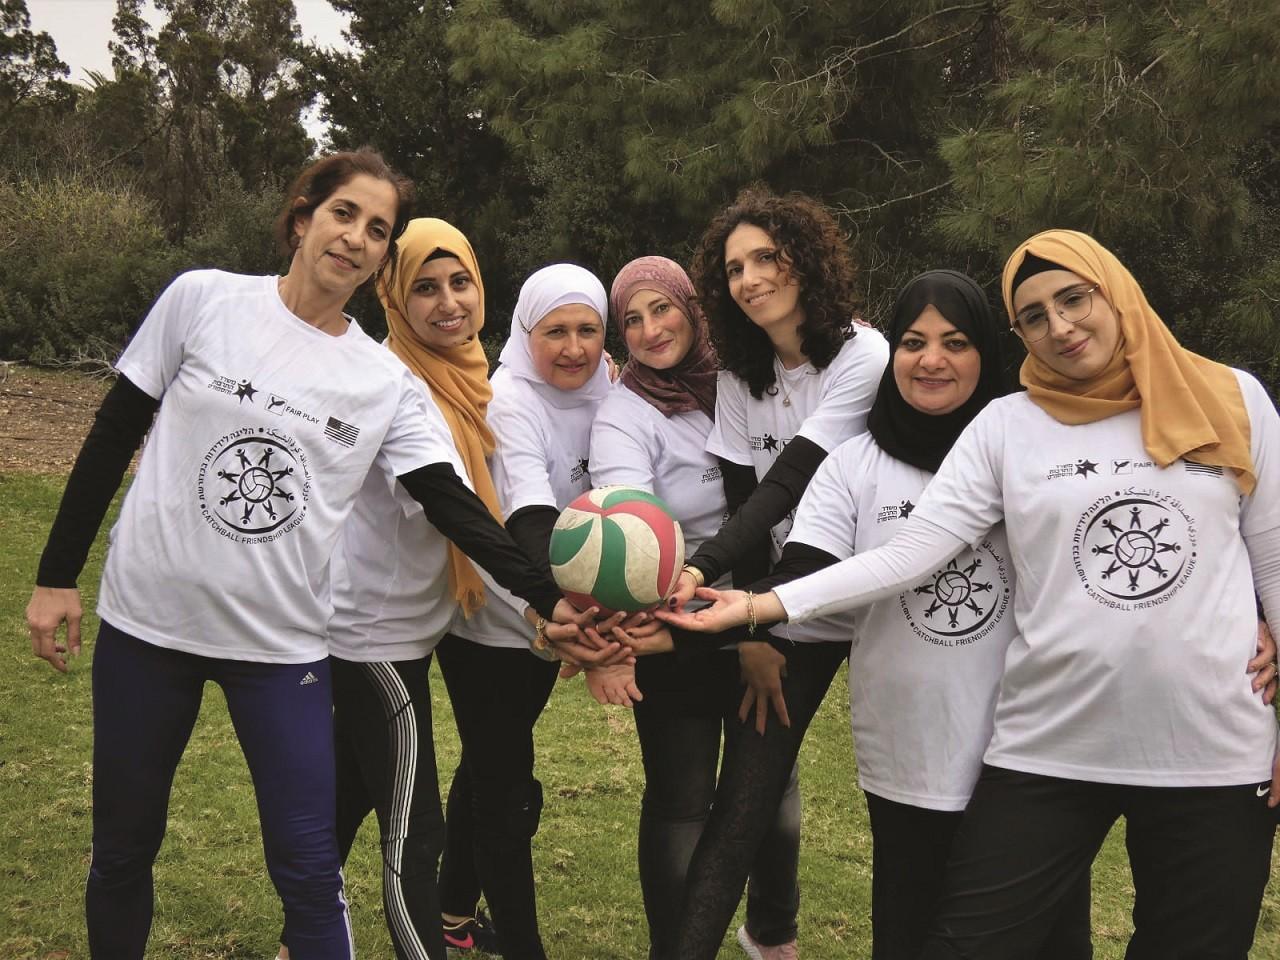 שחקניות הליגה לידידות בתרבות ובספורט